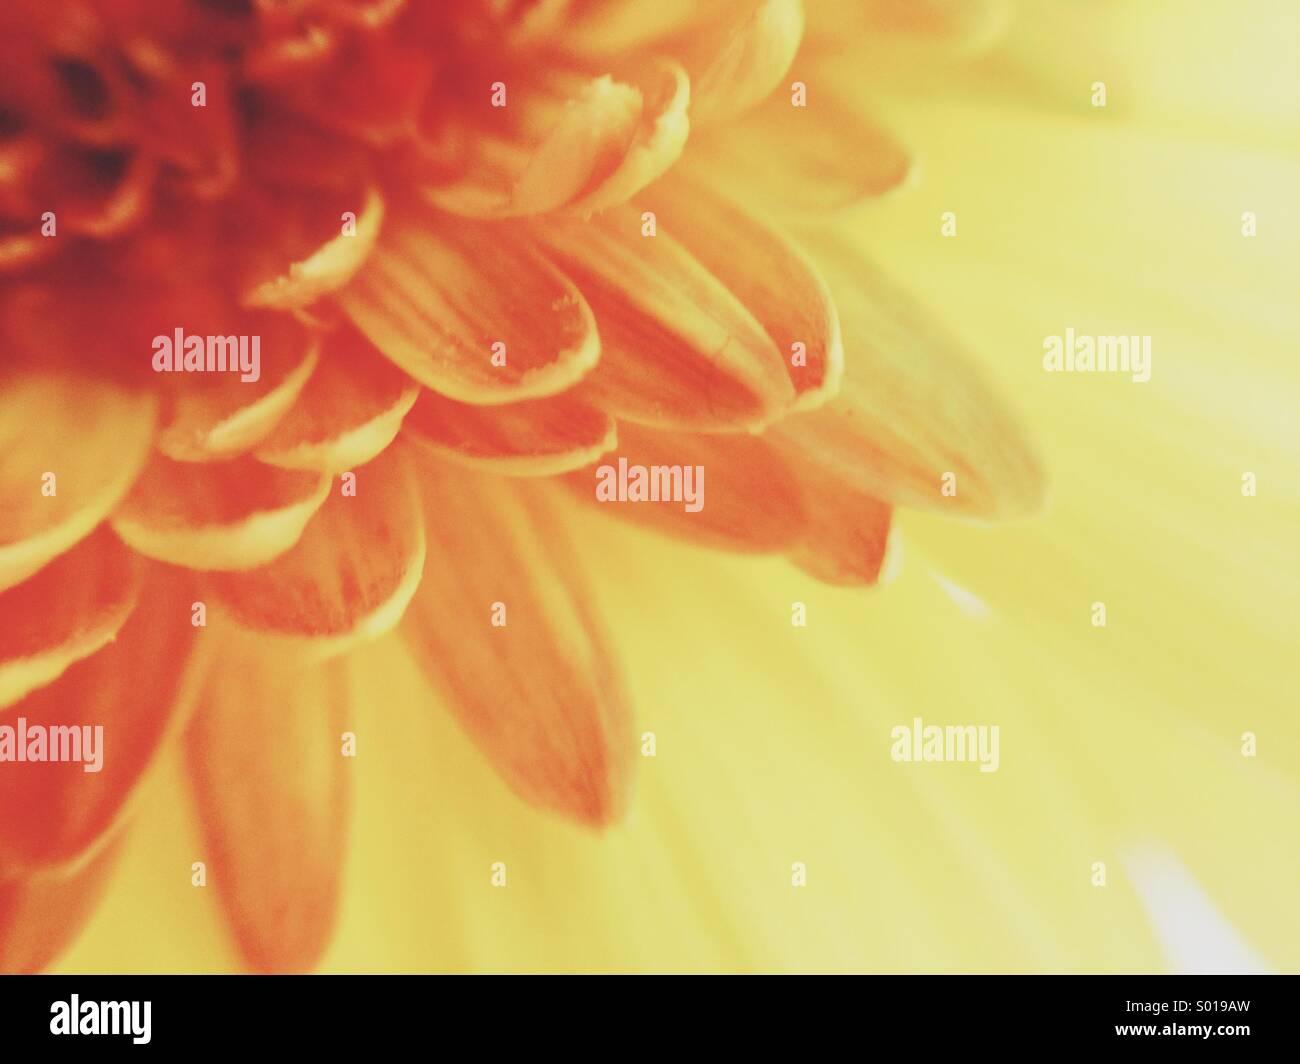 Poner un poco de sol para mí Imagen De Stock